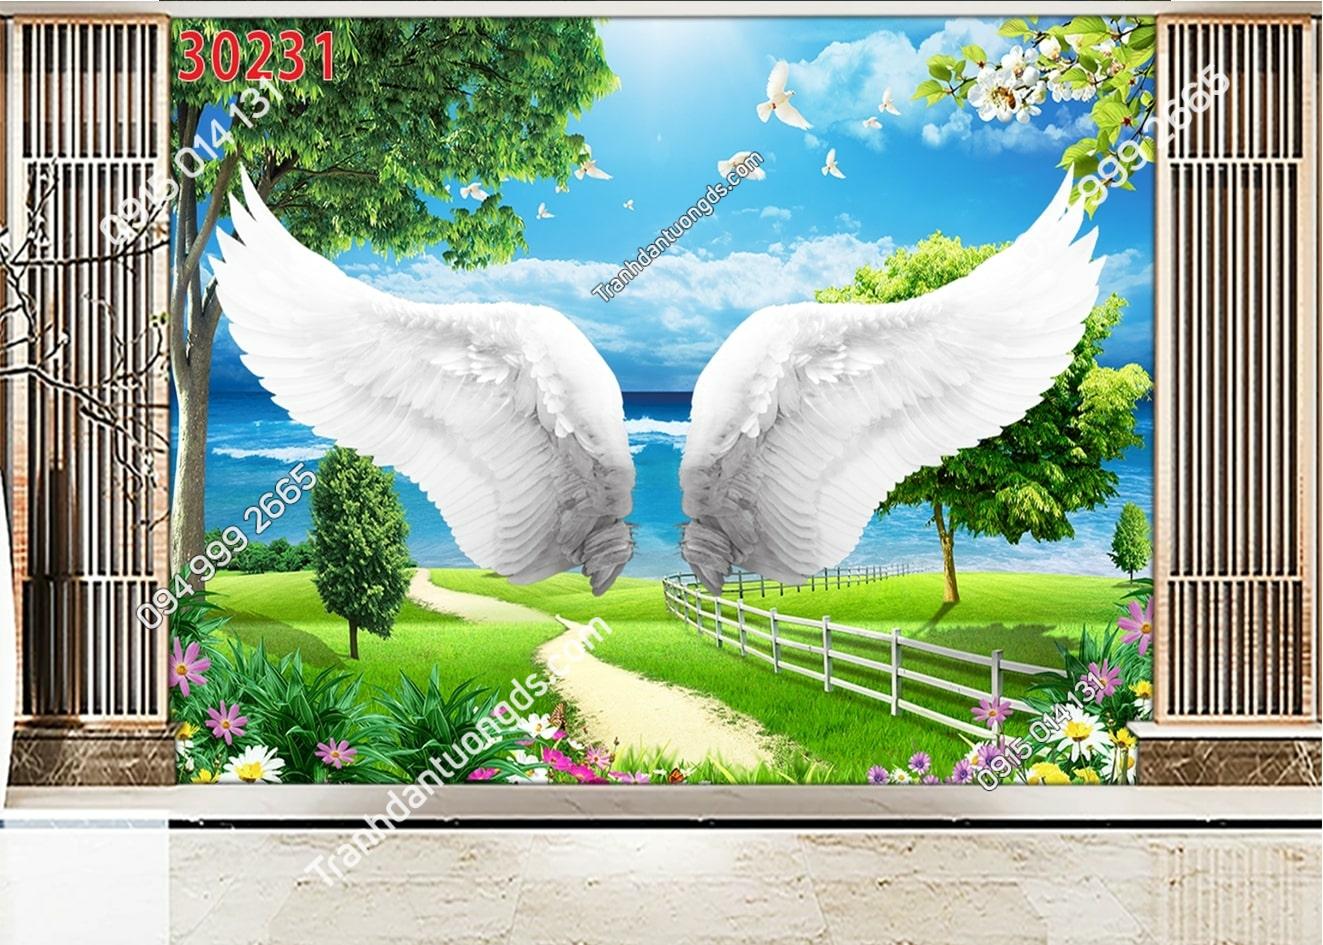 Tranh dán tường đôi cánh thiên thần dán phòng khách 30231